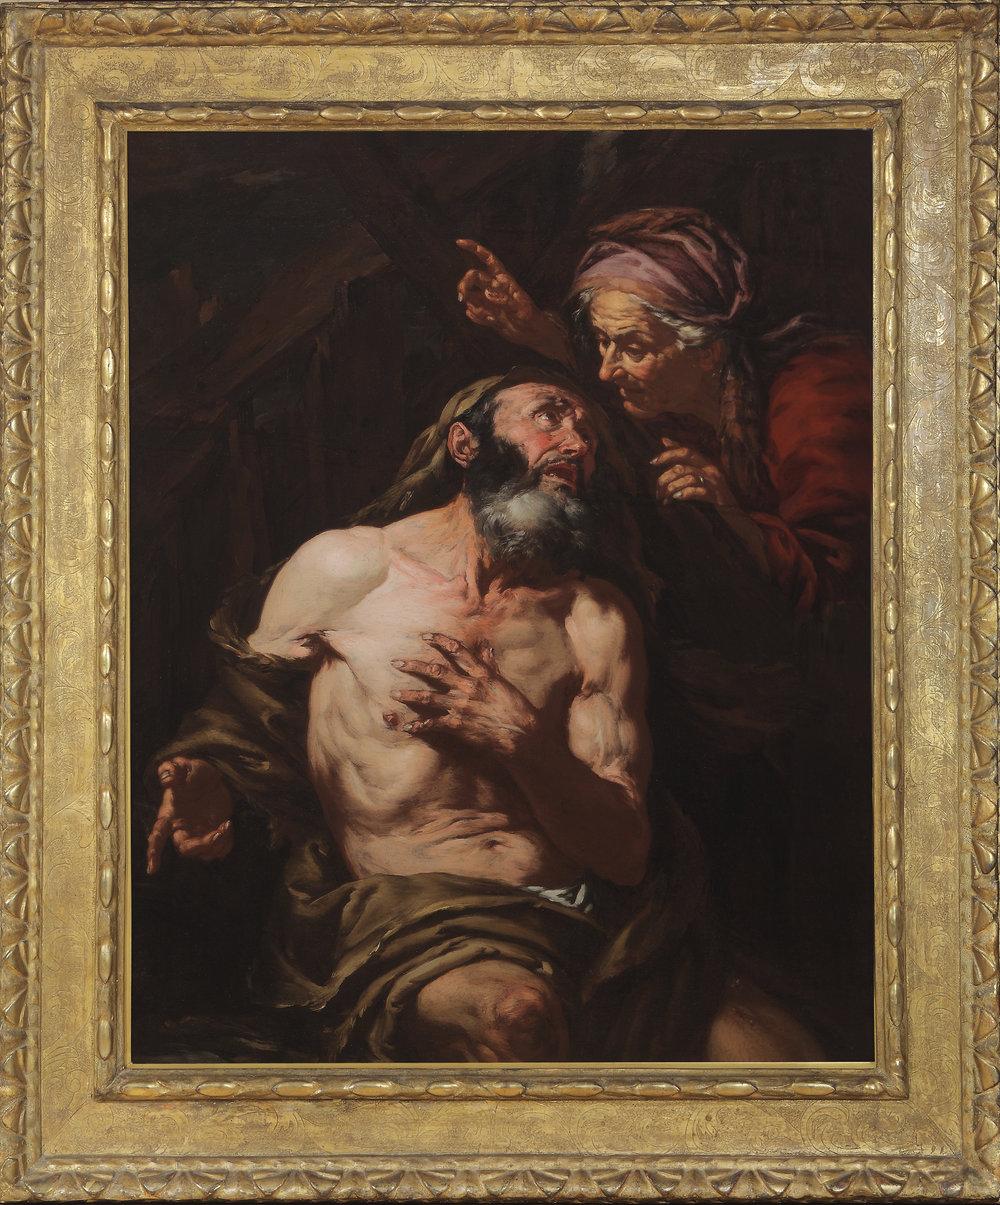 GIOVANNI BATTISTA LANGETTI   (Genoa 1635 – Venice 1676)   Job Cursed by His Wife   Oil on canvas   44 x 34 ½ inches (111.7 x 87.6 cm)